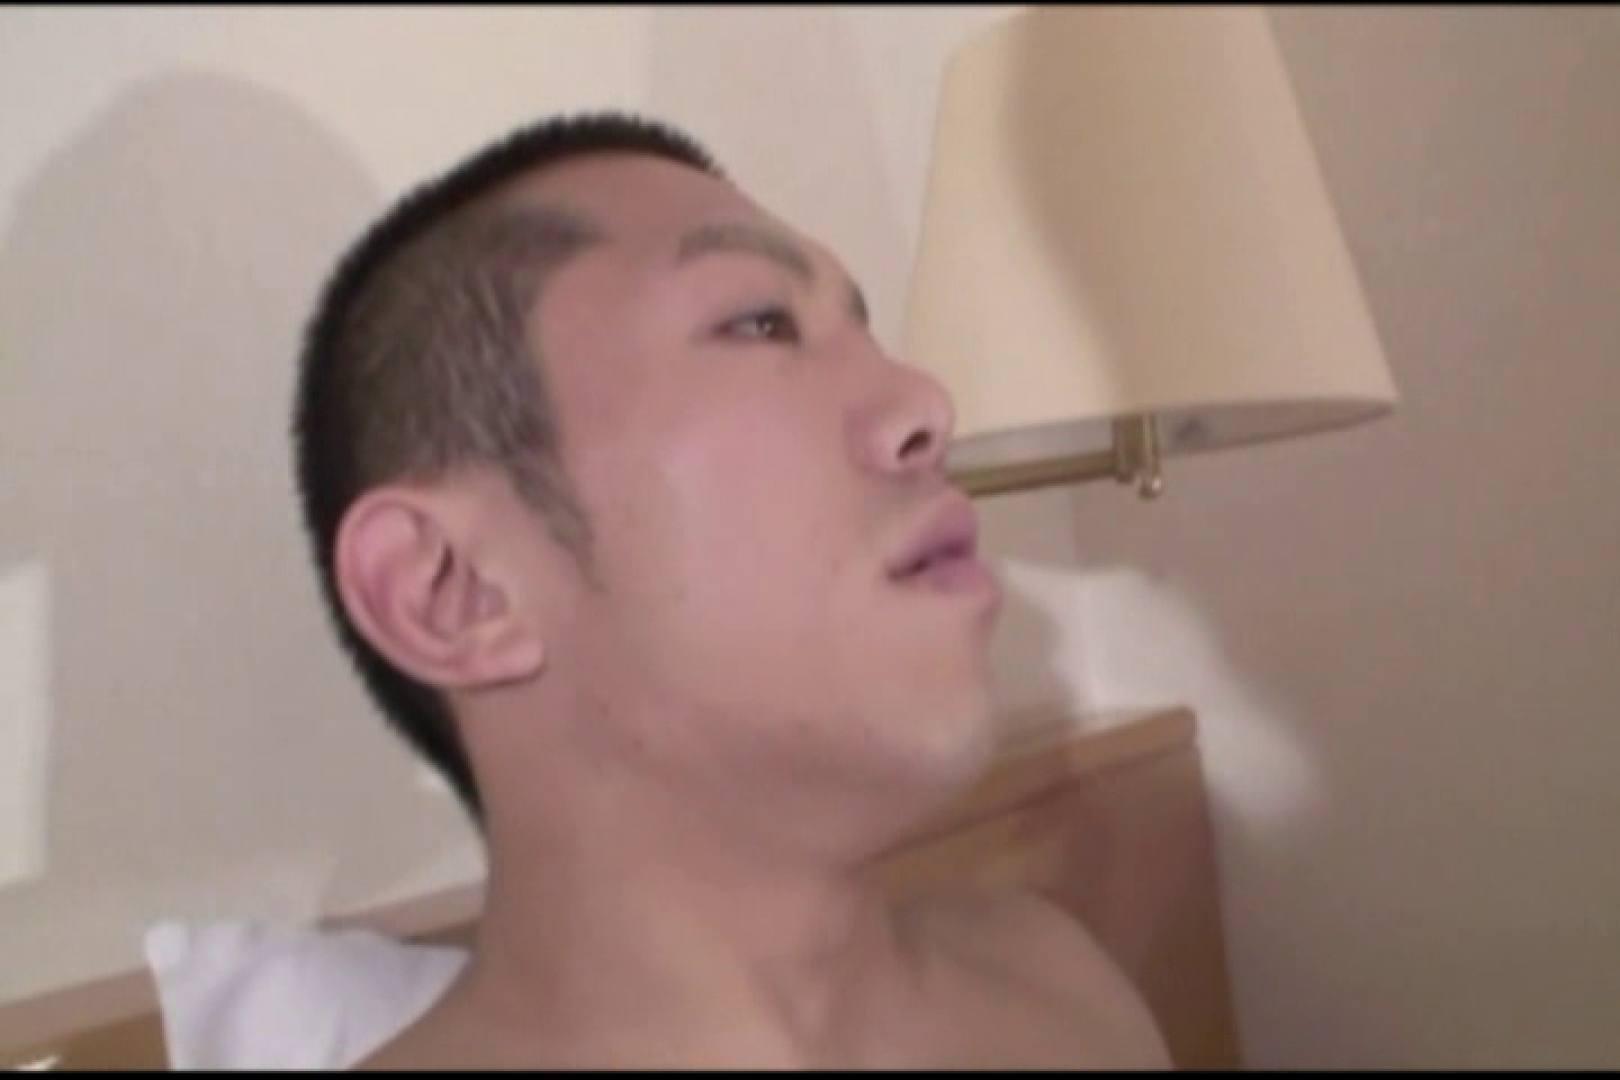 アナPさん投稿!目がパッチリなイケメンサル系男子の昇天劇。 完全無修正でお届け | イケメンのsex  107pic 87